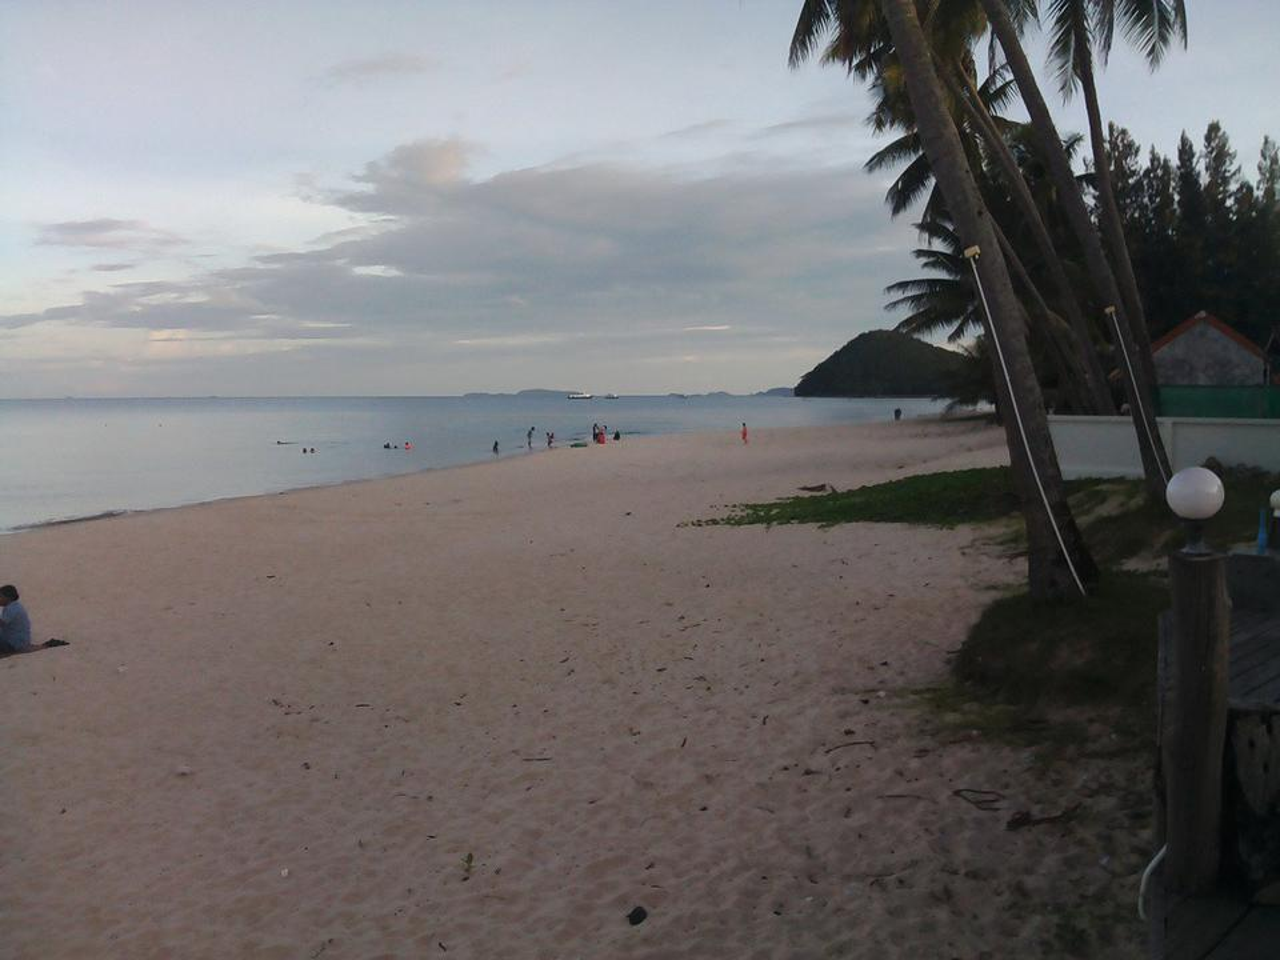 ขายที่ดินเปล่า2 ไร่ ใกล้หาด เหมาะปลูกบ้านพักตากอากาศหรือเกตส รูปที่ 5